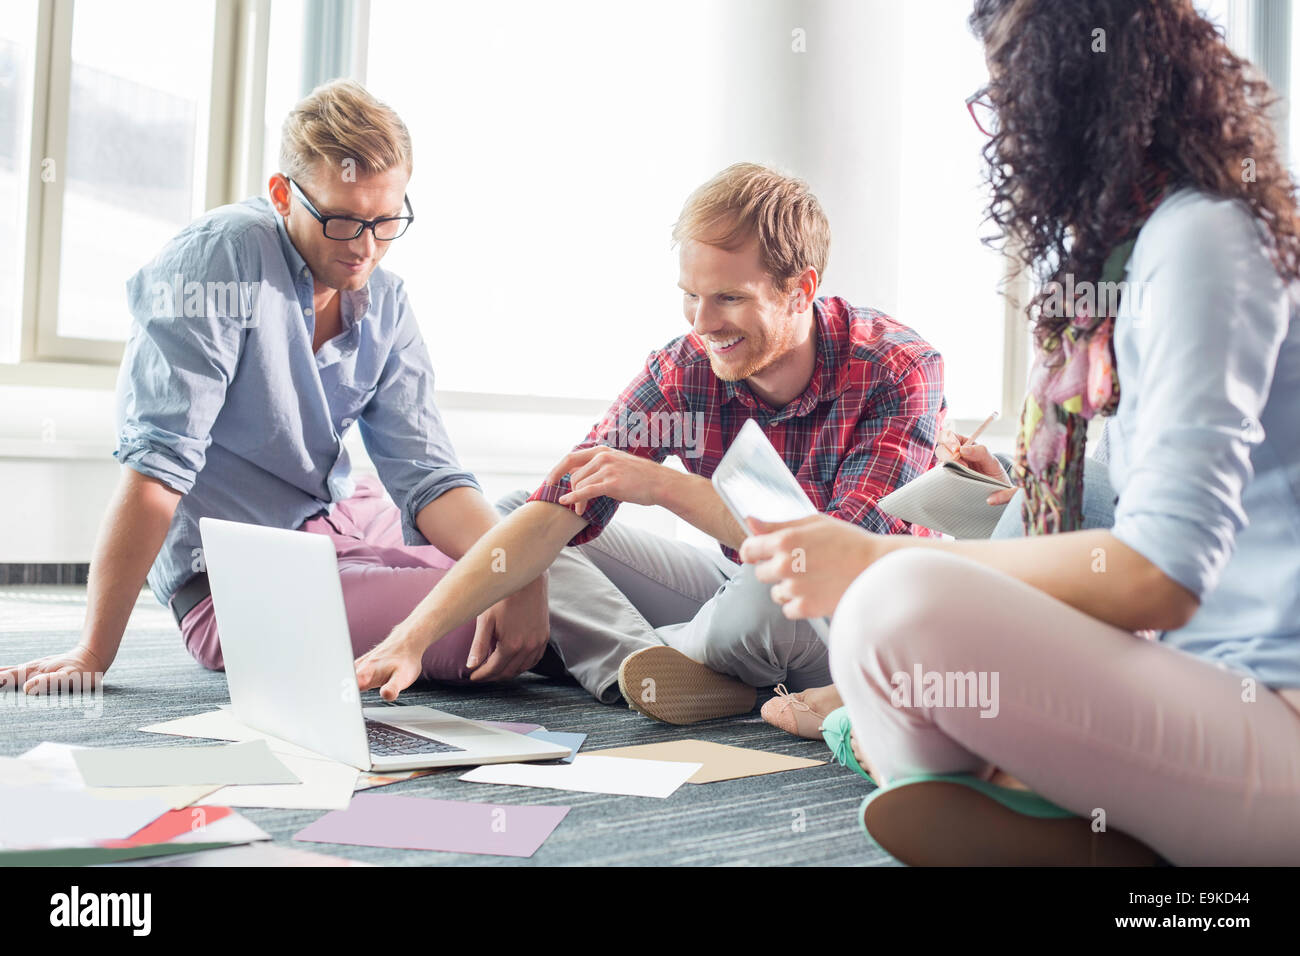 Imprenditore spiegando piano sul laptop per i colleghi in ufficio creativo Immagini Stock